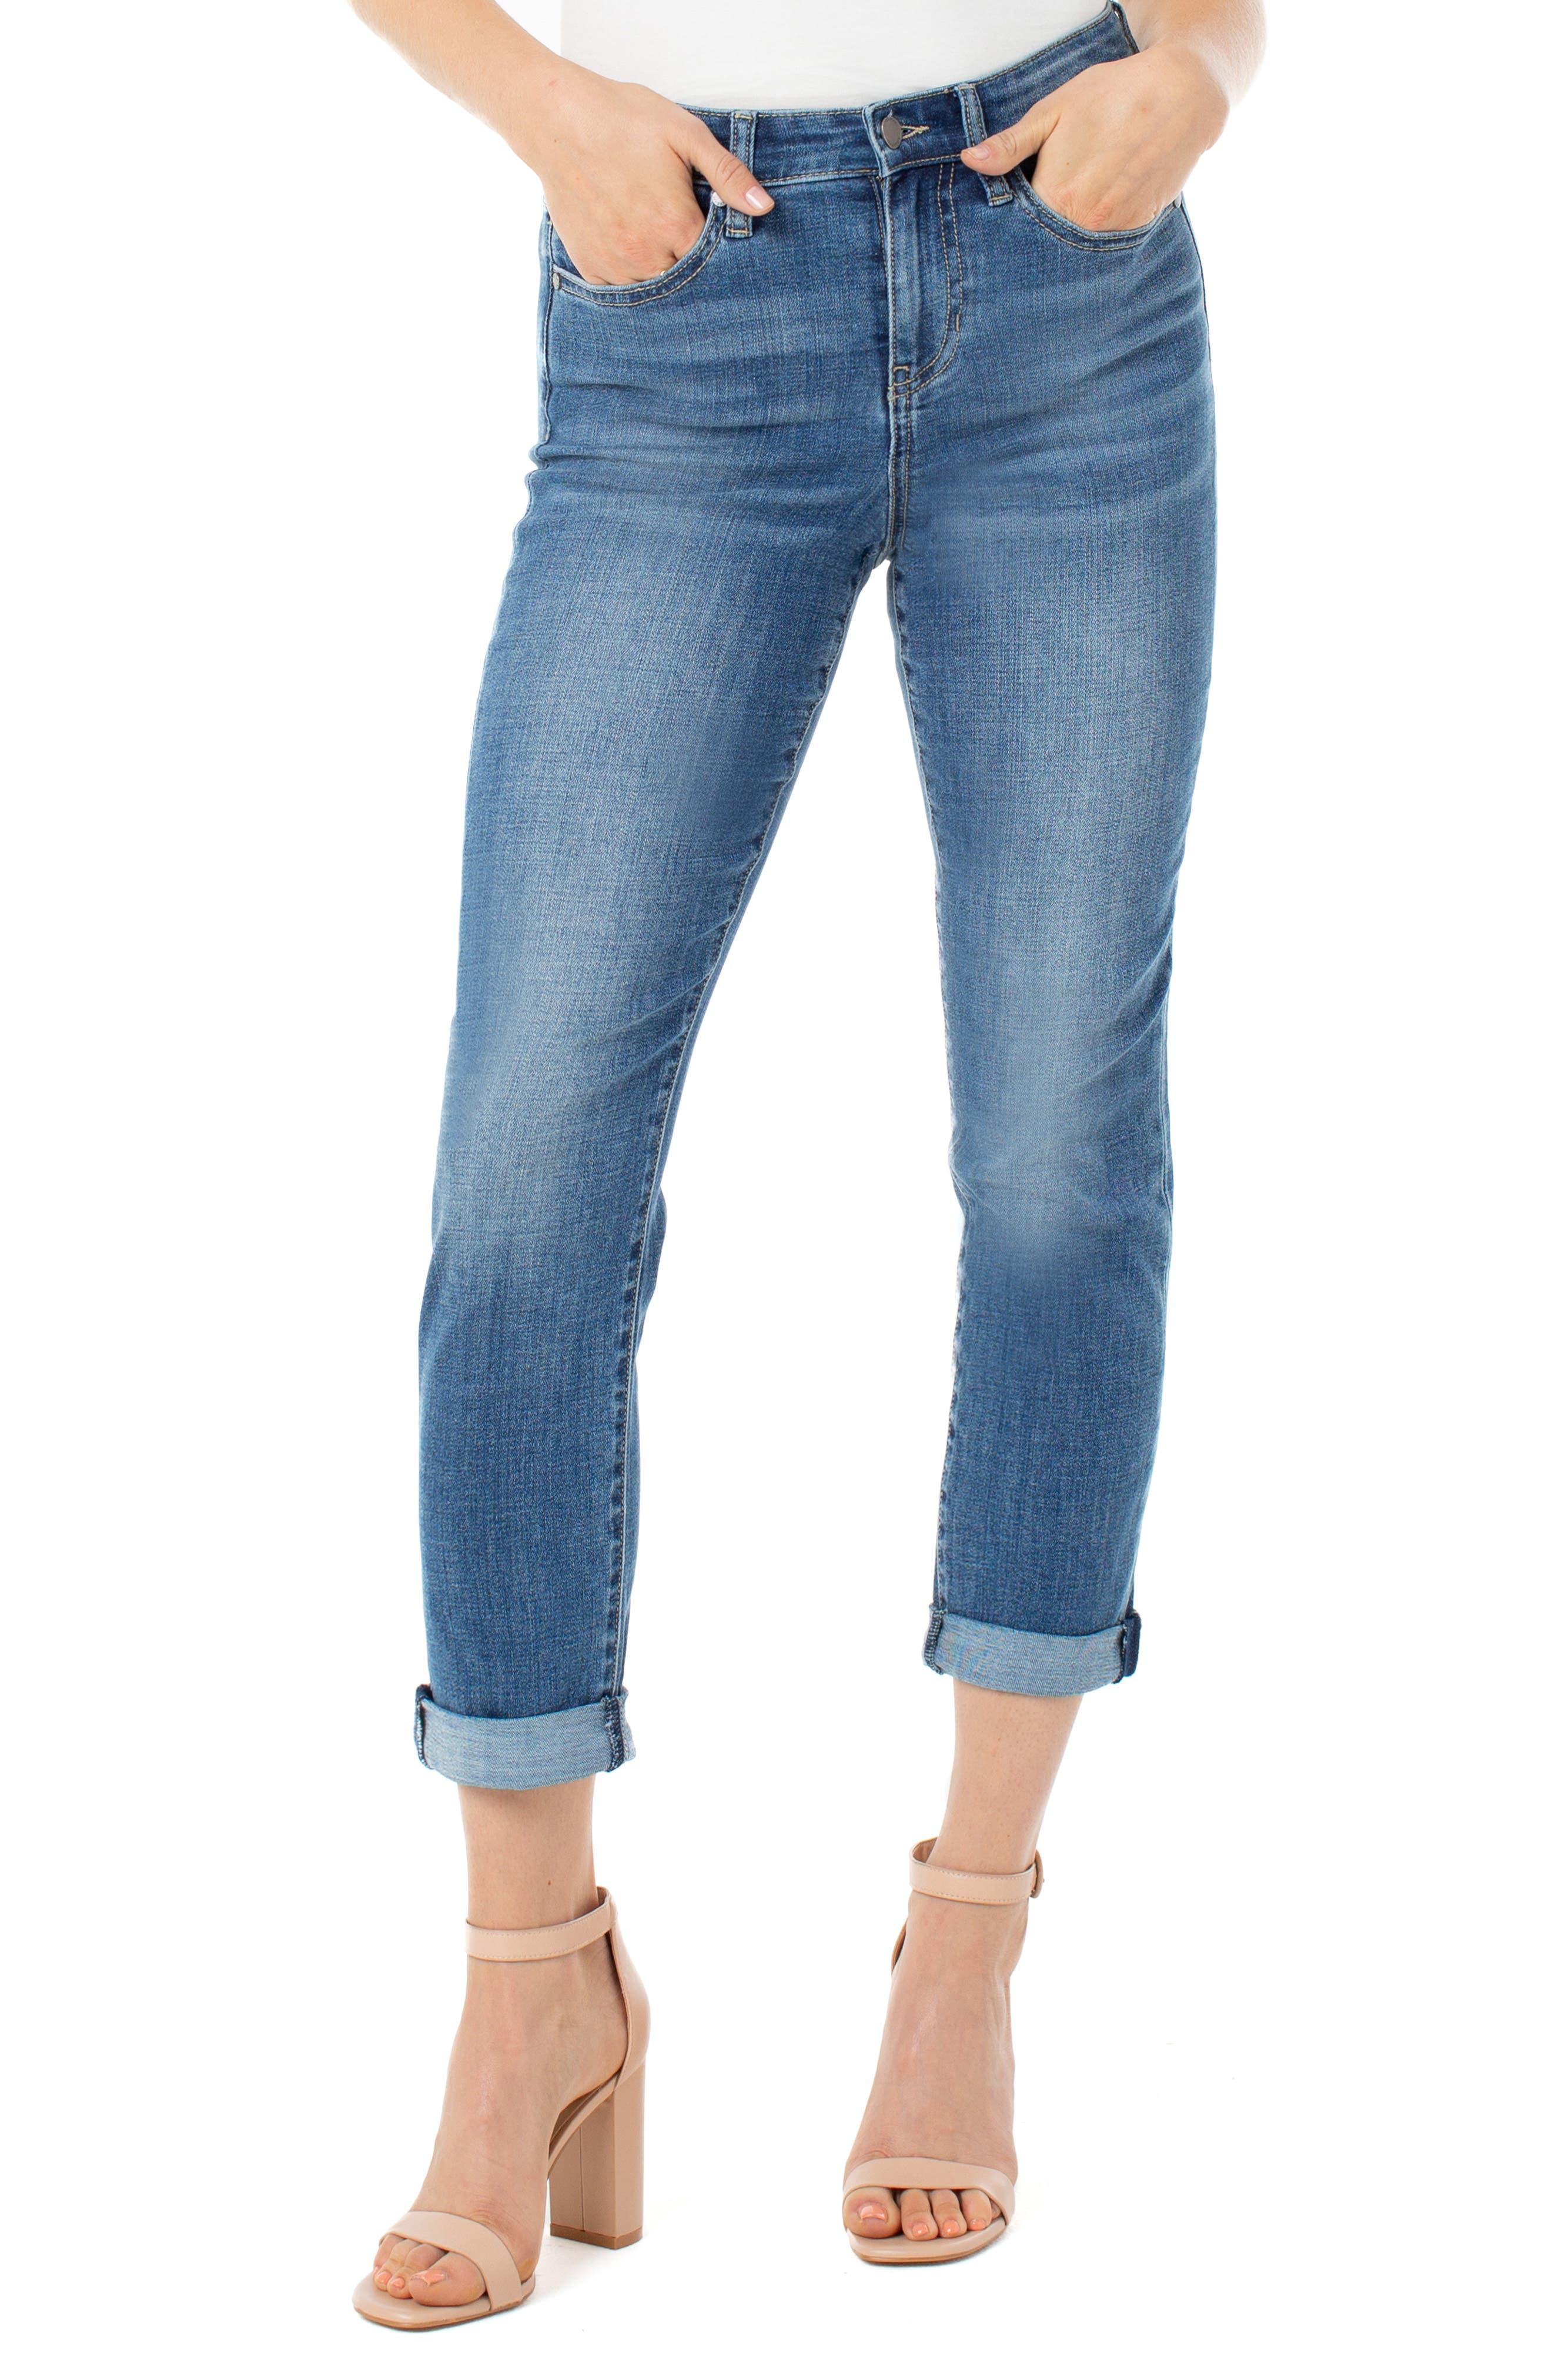 Marley High Waist Girlfriend Jeans